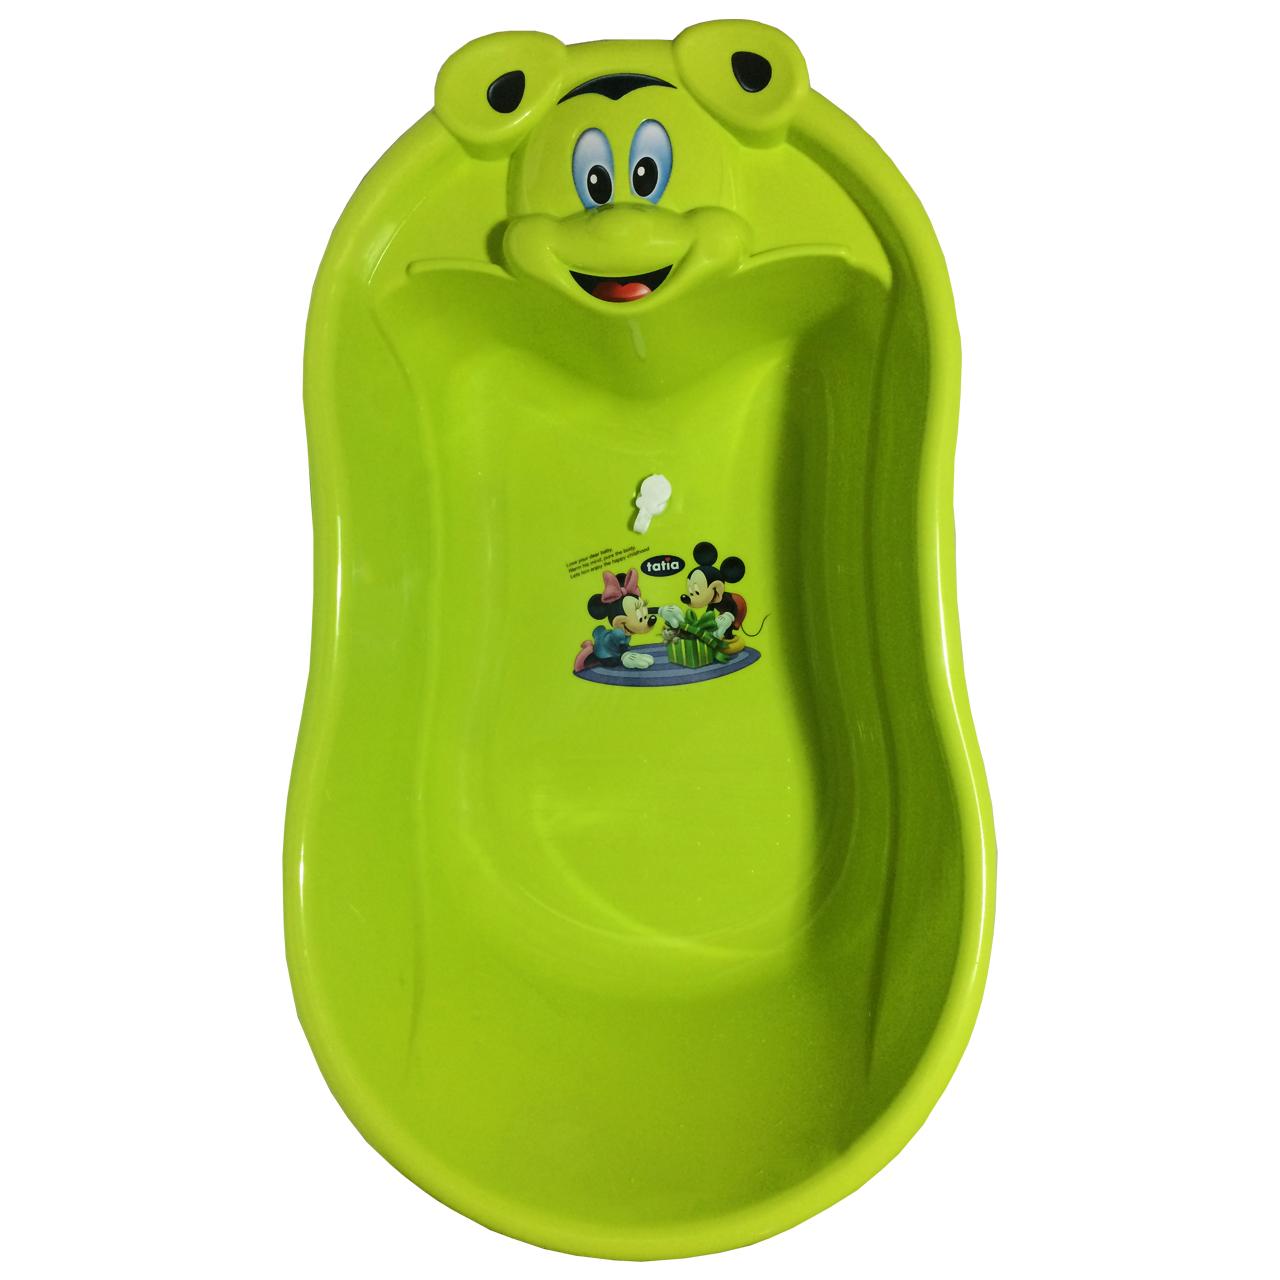 وان حمام کودک میکی سبز مدل PK-H177